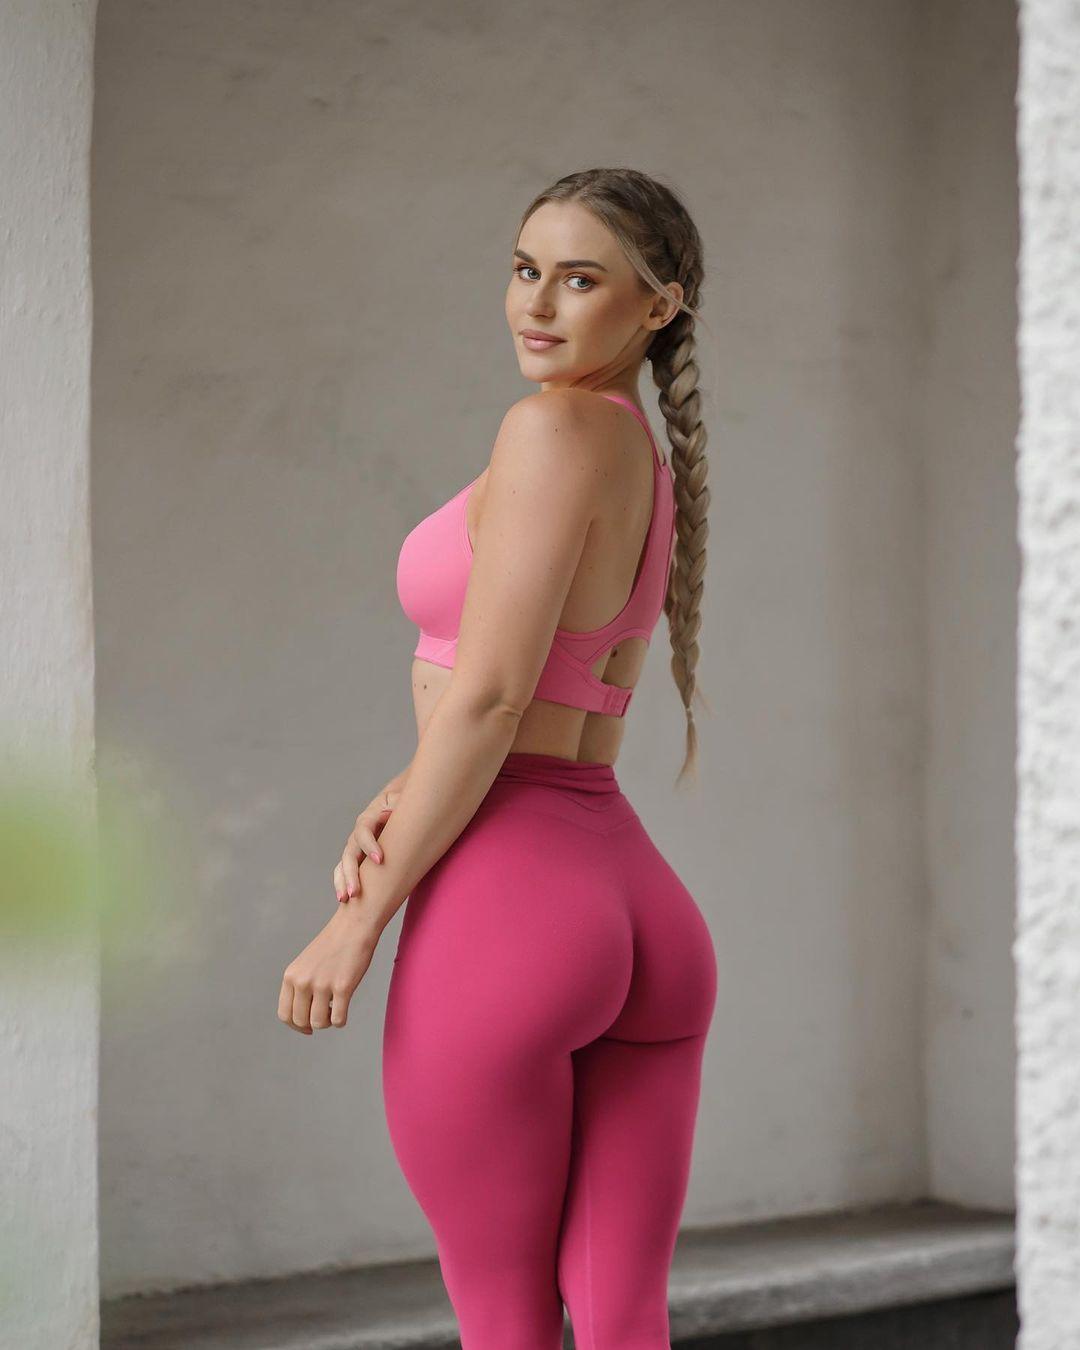 Anna Nyström fitness model